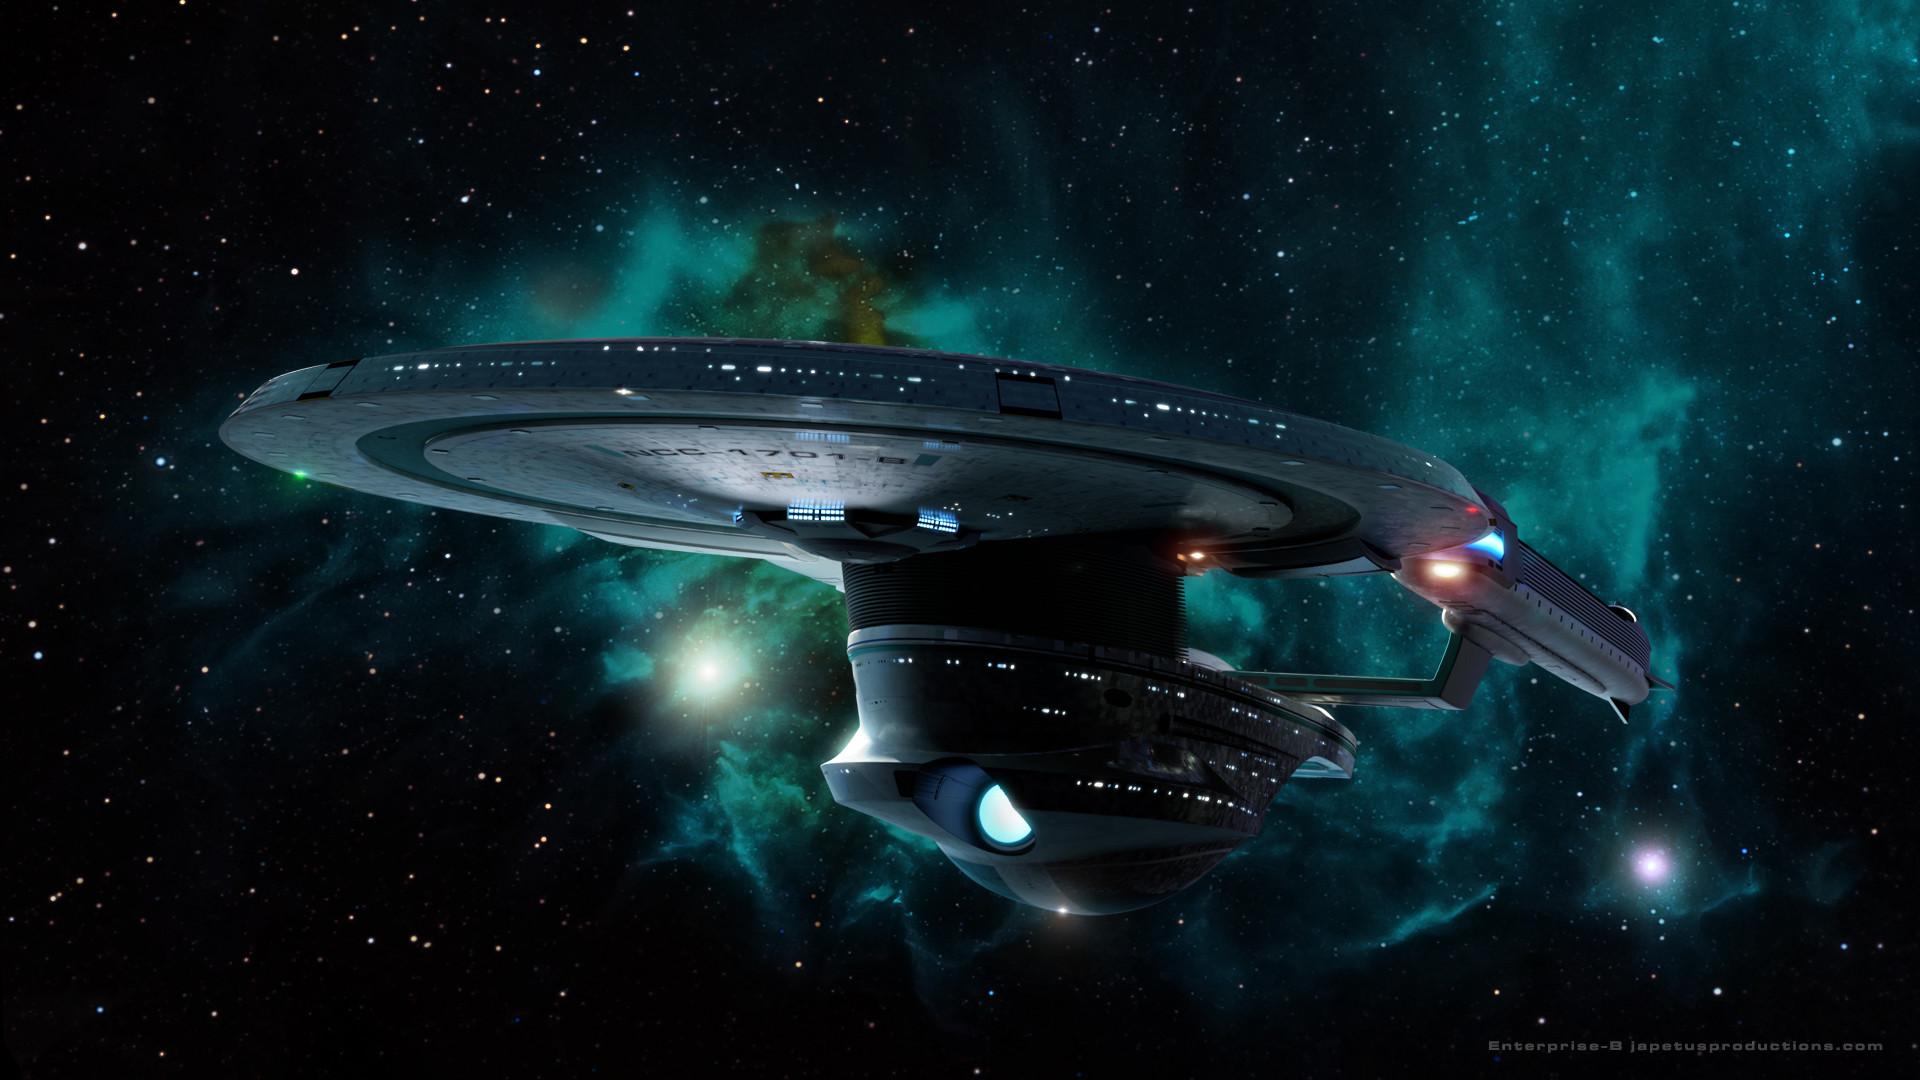 Star Trek Ships Wallpaper Wallpapertag